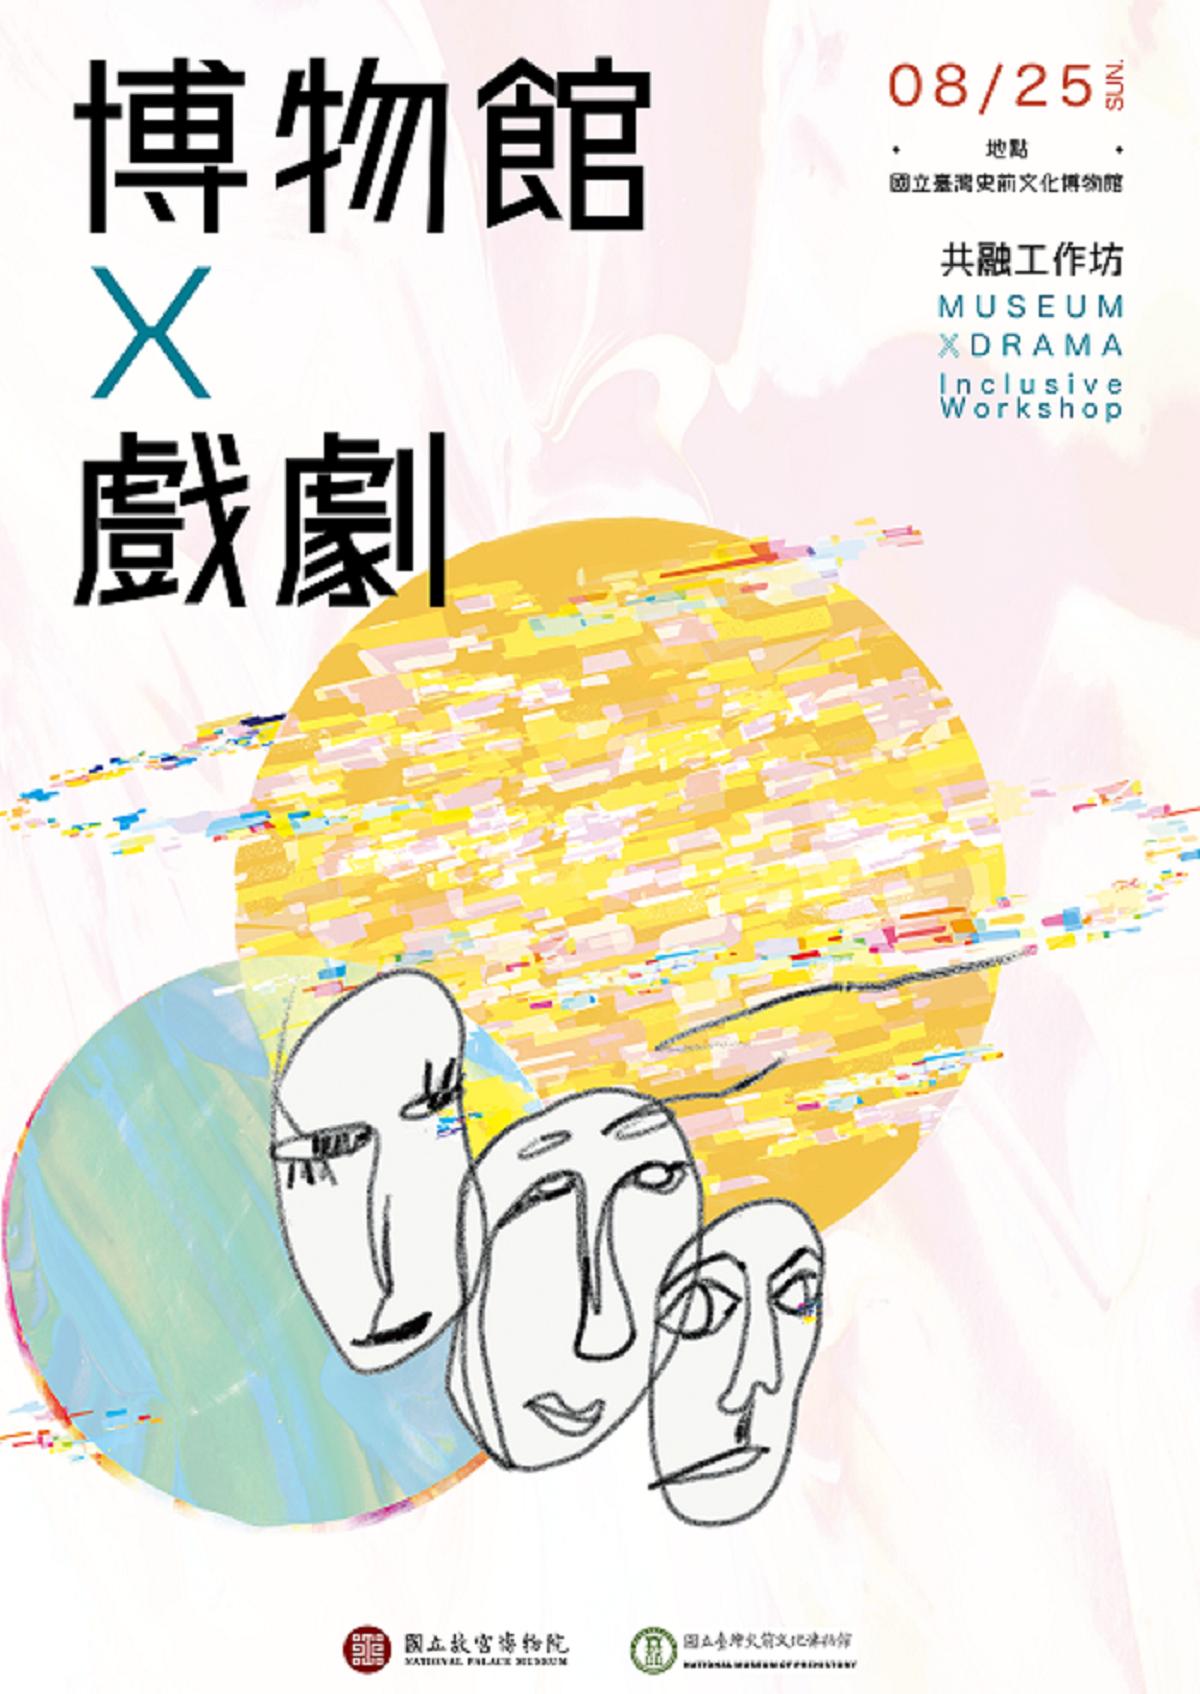 博物館x戲劇—共融工作坊